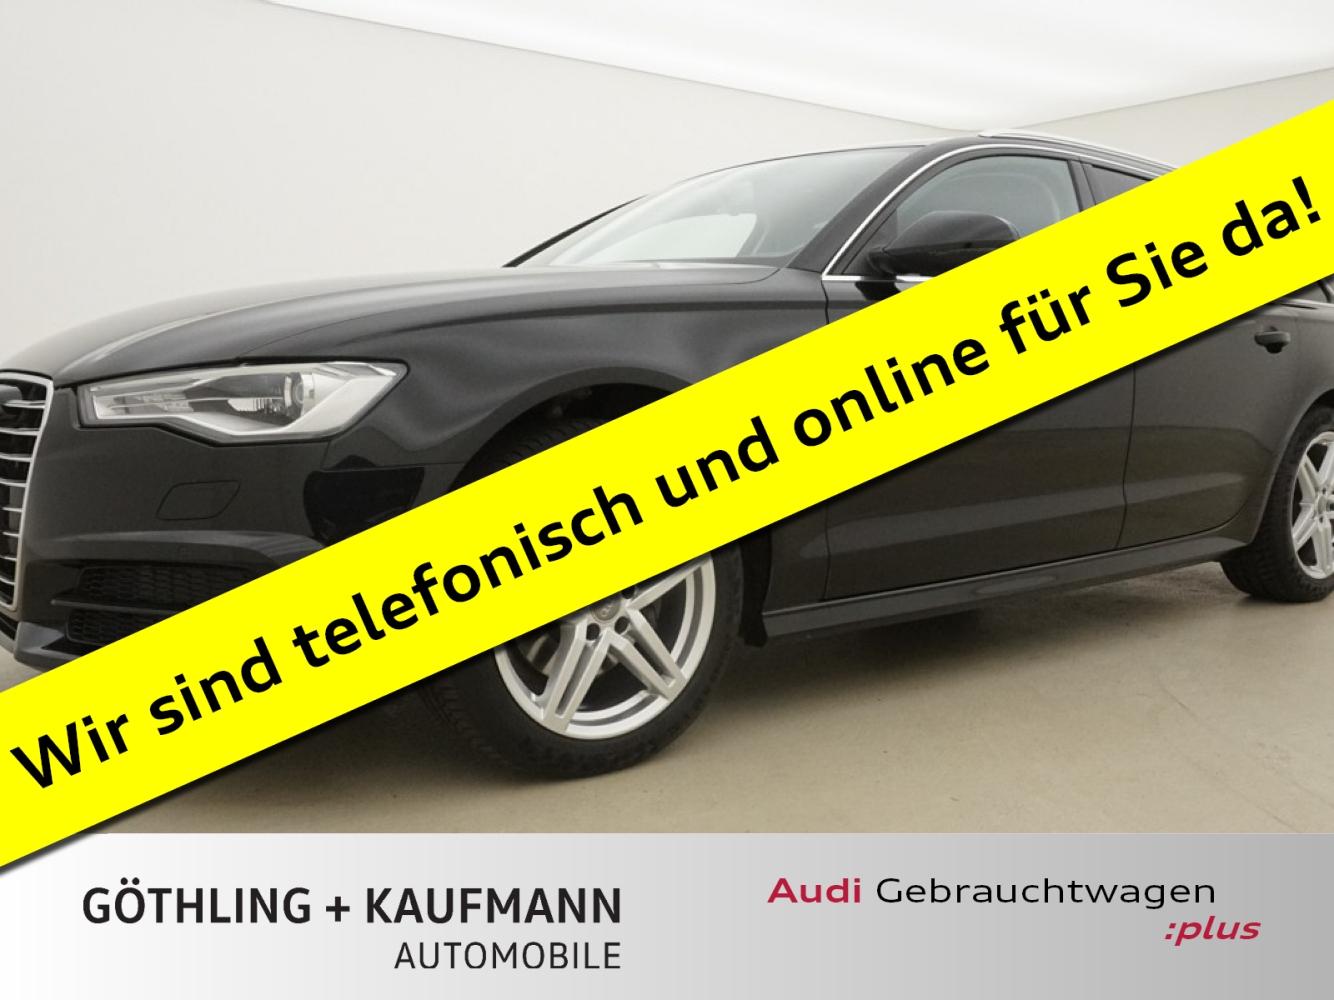 Audi A6 Avant 2.0 TDI S tro *Xenon+*Navi*PDC+*SHZ*ASS, Jahr 2017, Diesel